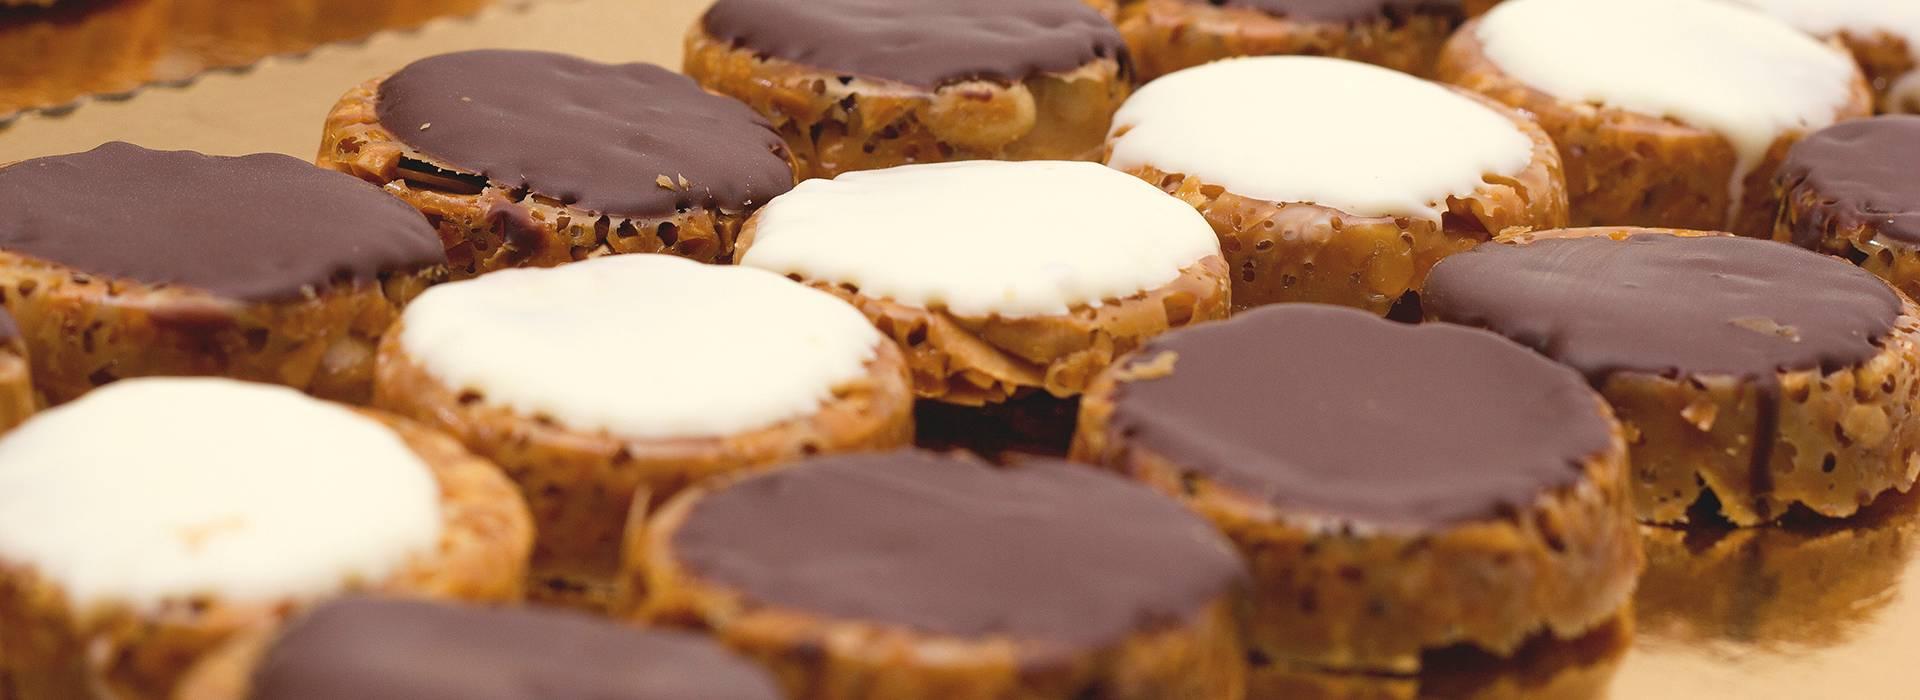 Florentinas hechas en pastelería Galicia